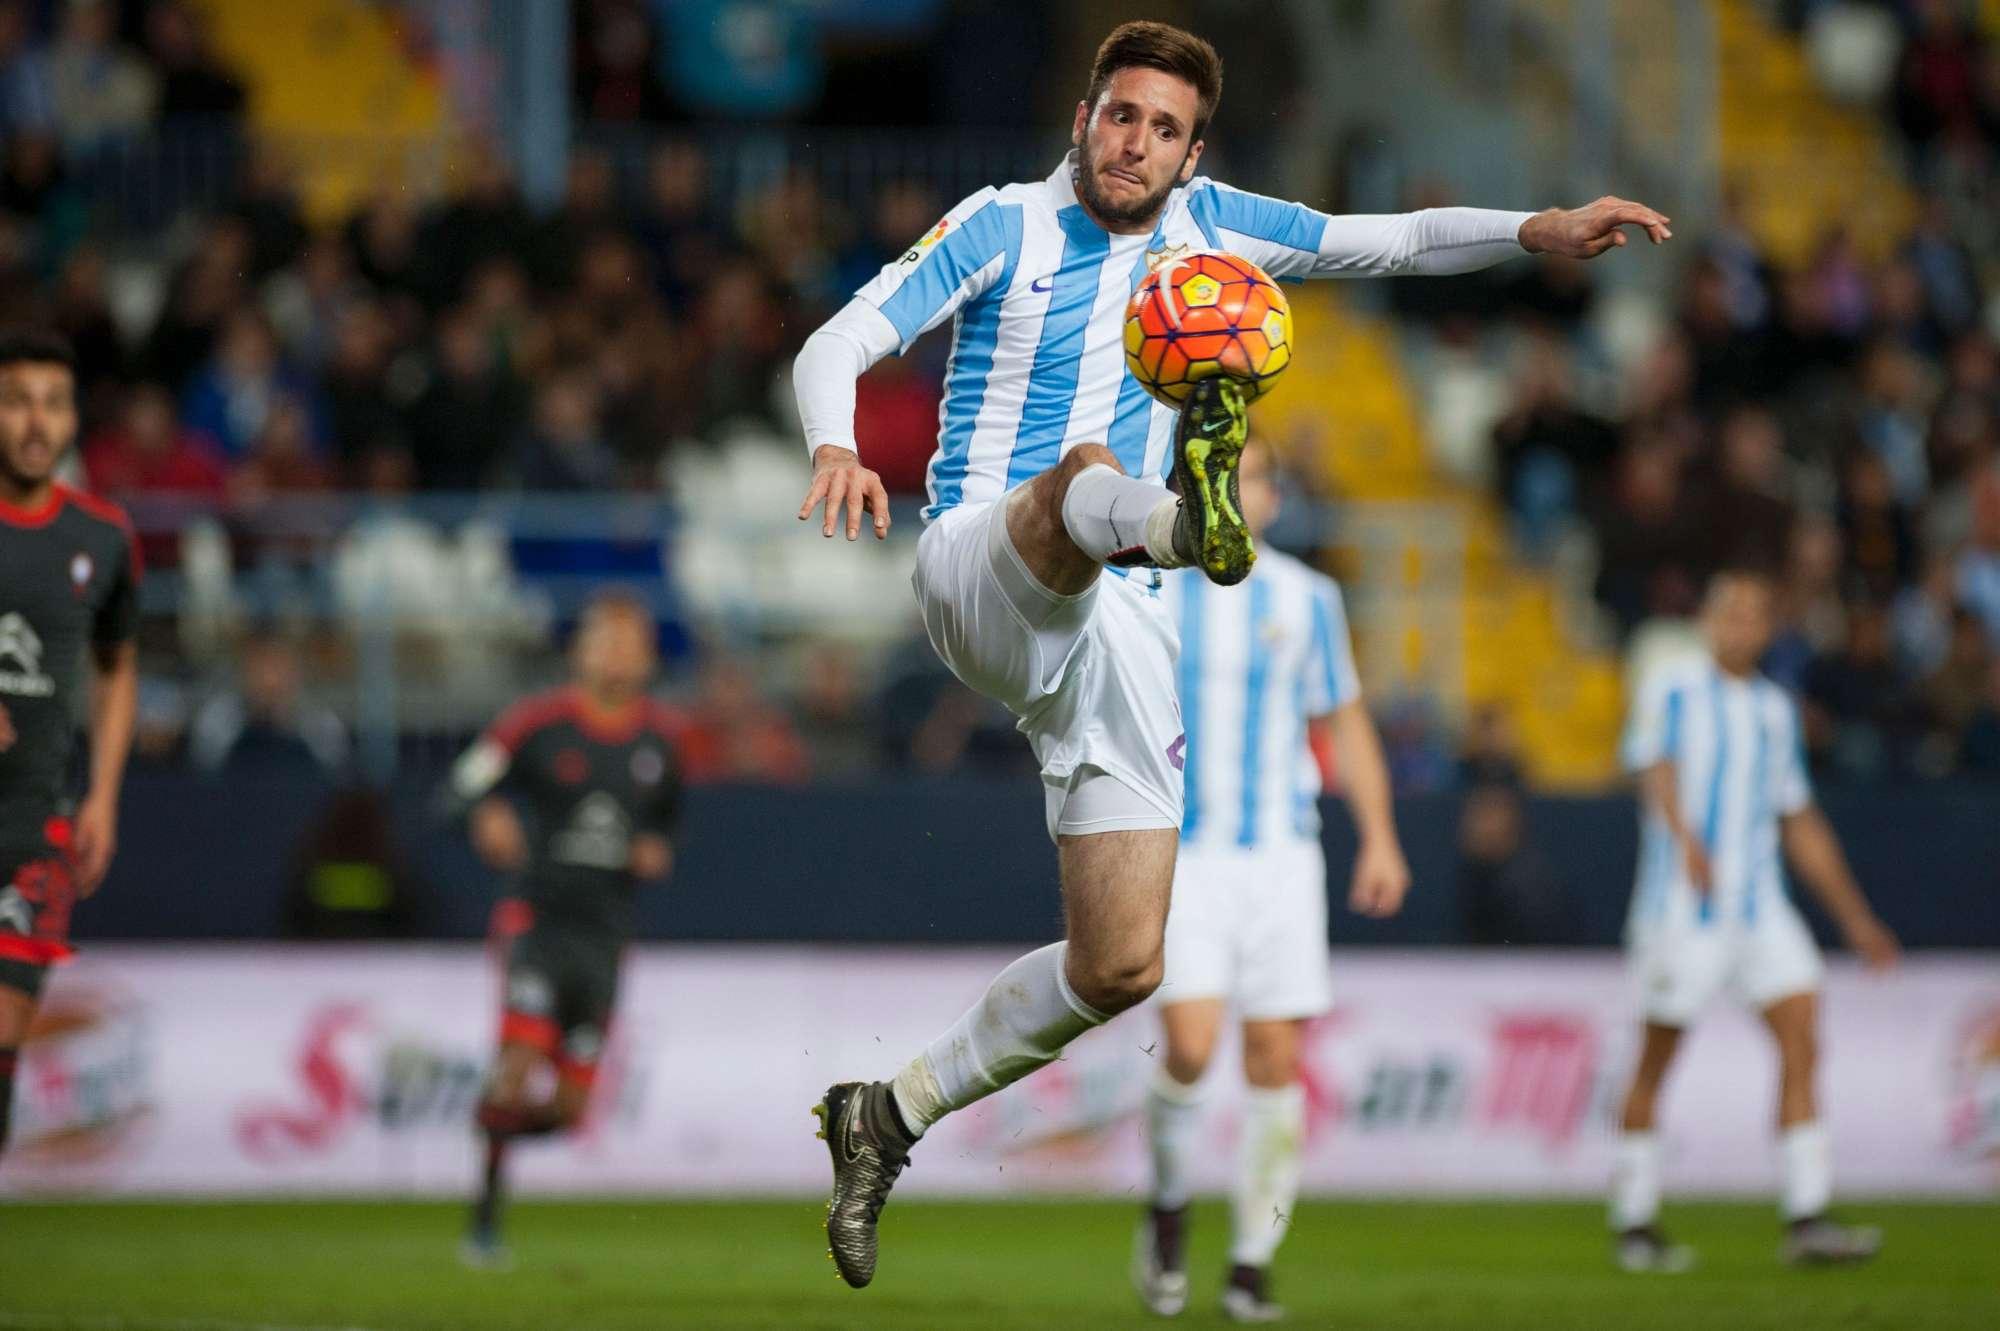 Il Malaga è favorito per questa partita, ma le motivazioni del Levante potrebbero prevalere